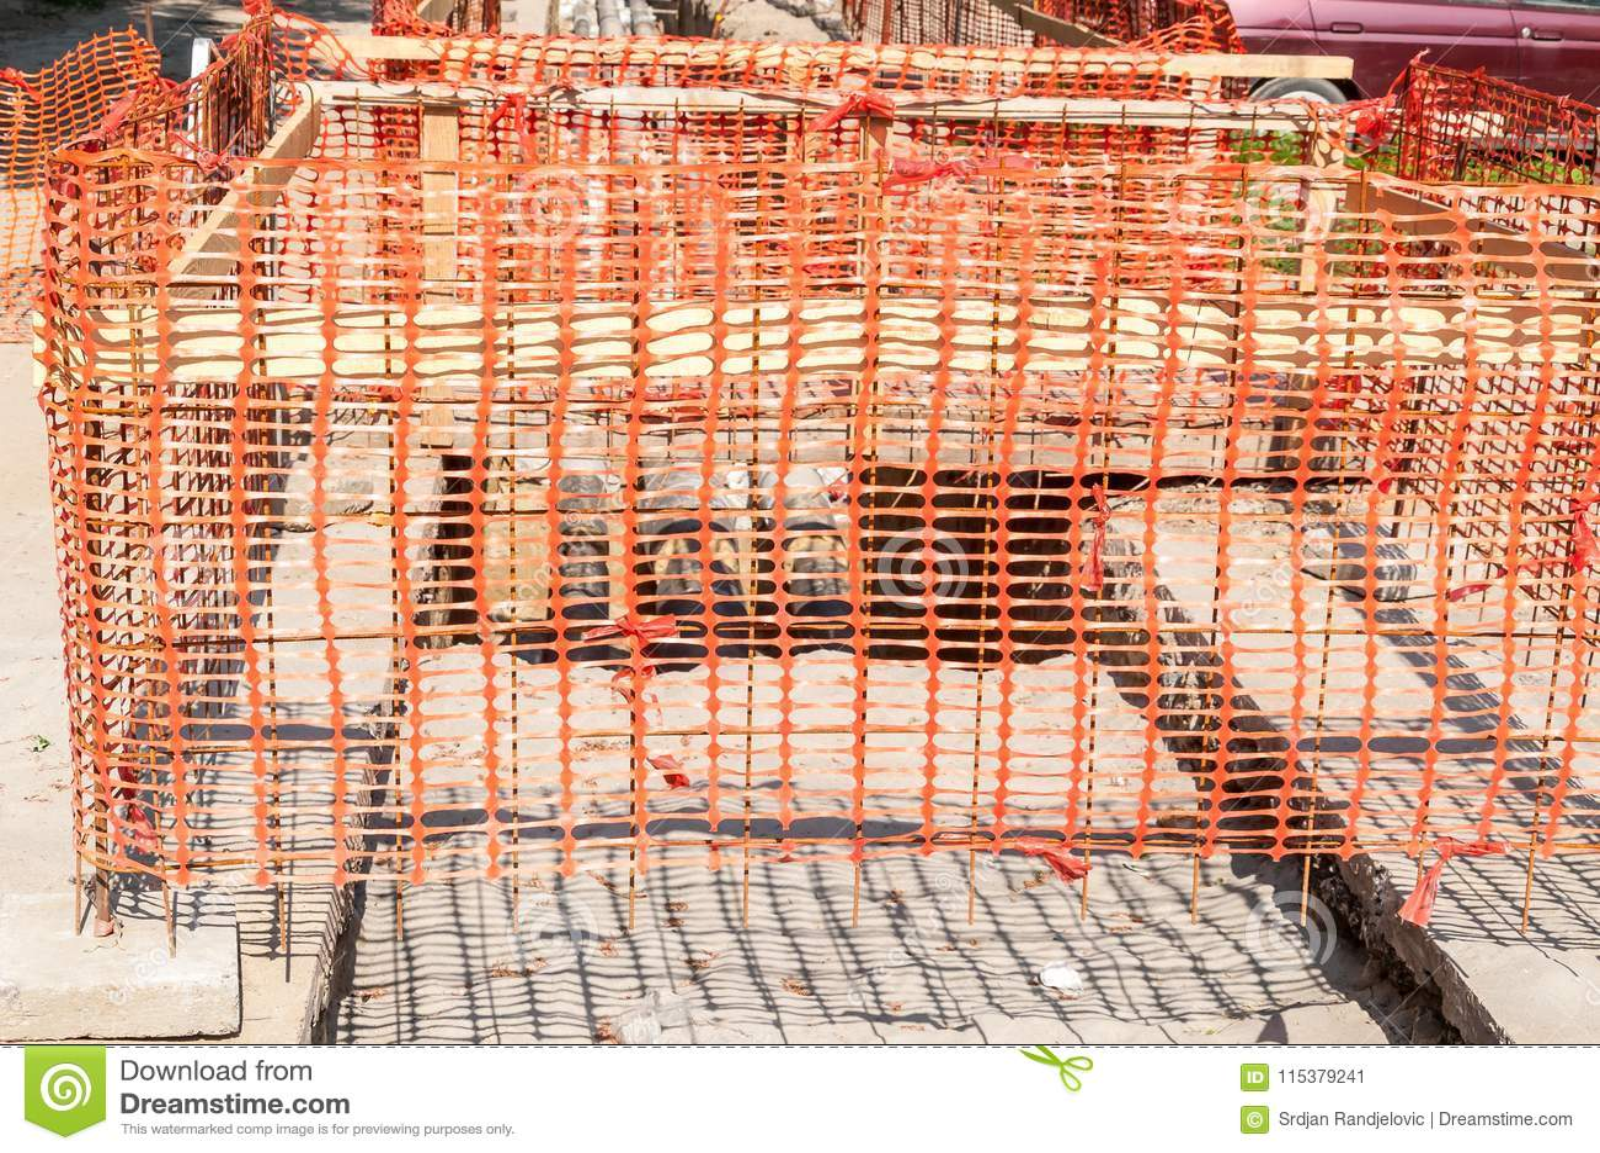 Загородка сети безопасности строительной площадки оранжевая как барьер над канавой на раскопк улицы